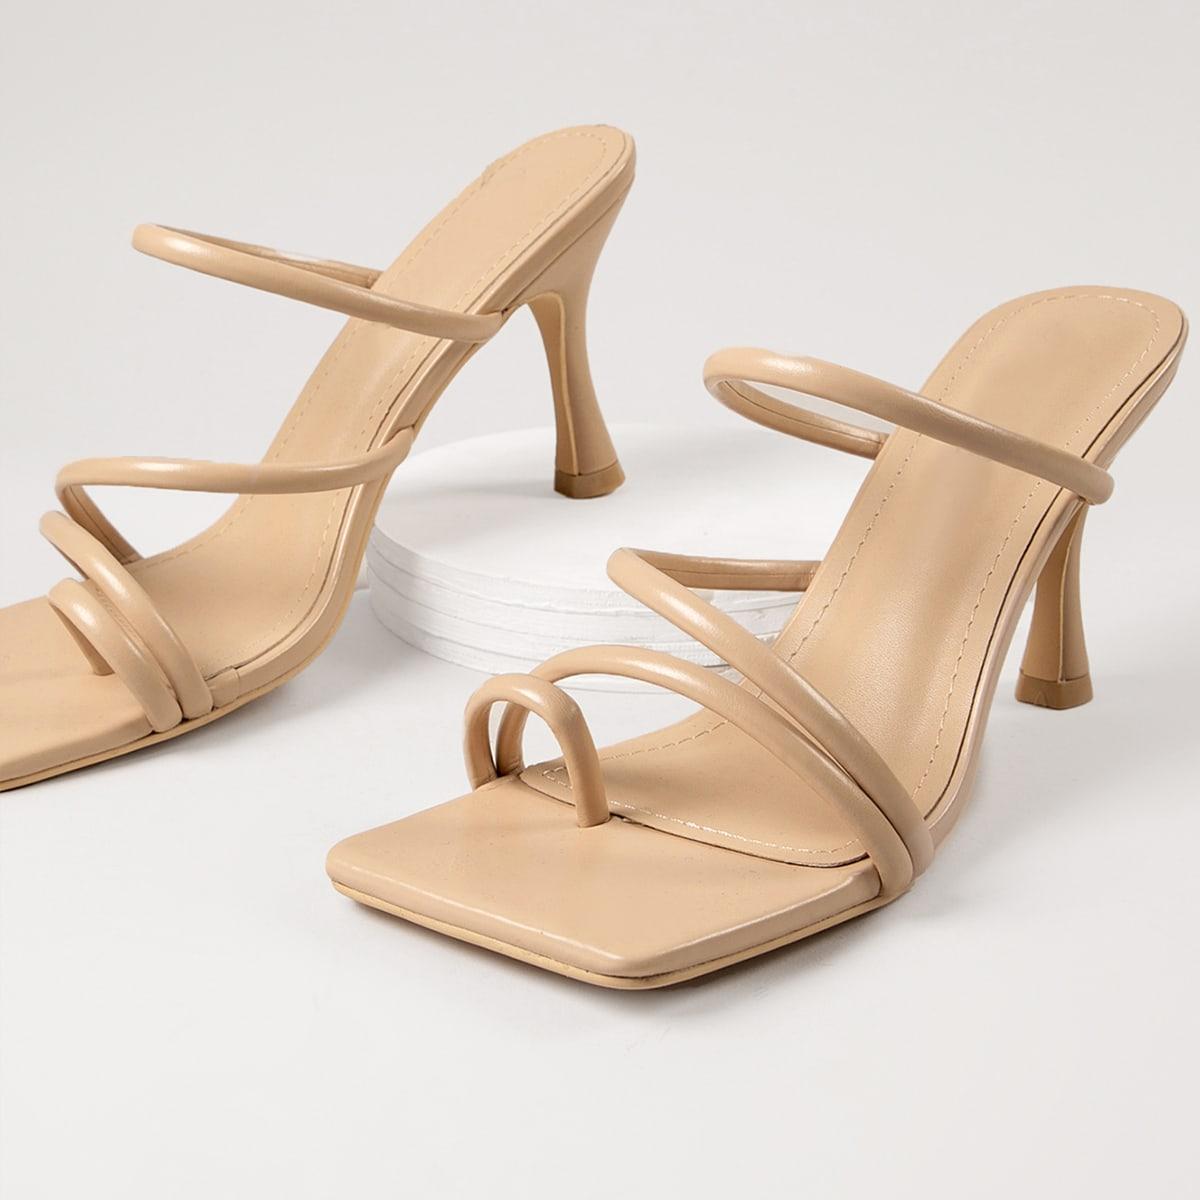 Розовые туфли на каблуках с открытым носком из искусственной кожи